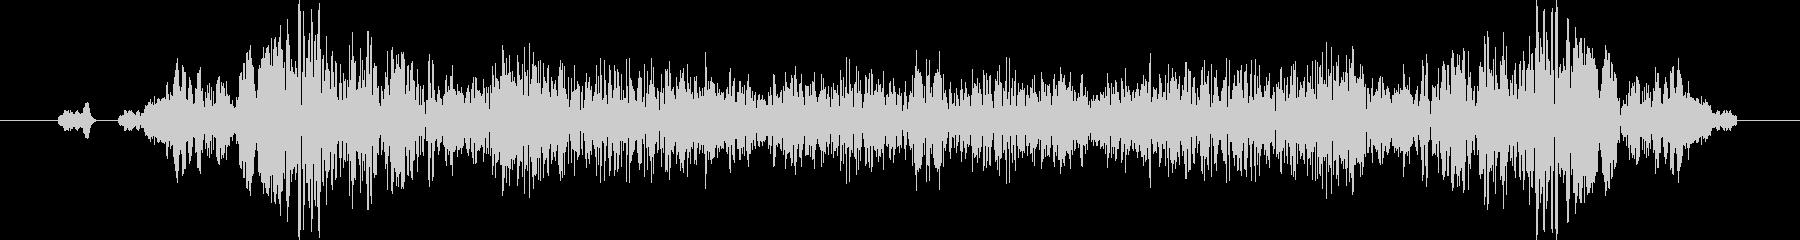 ビリュリュリュ、キュルキュルの未再生の波形